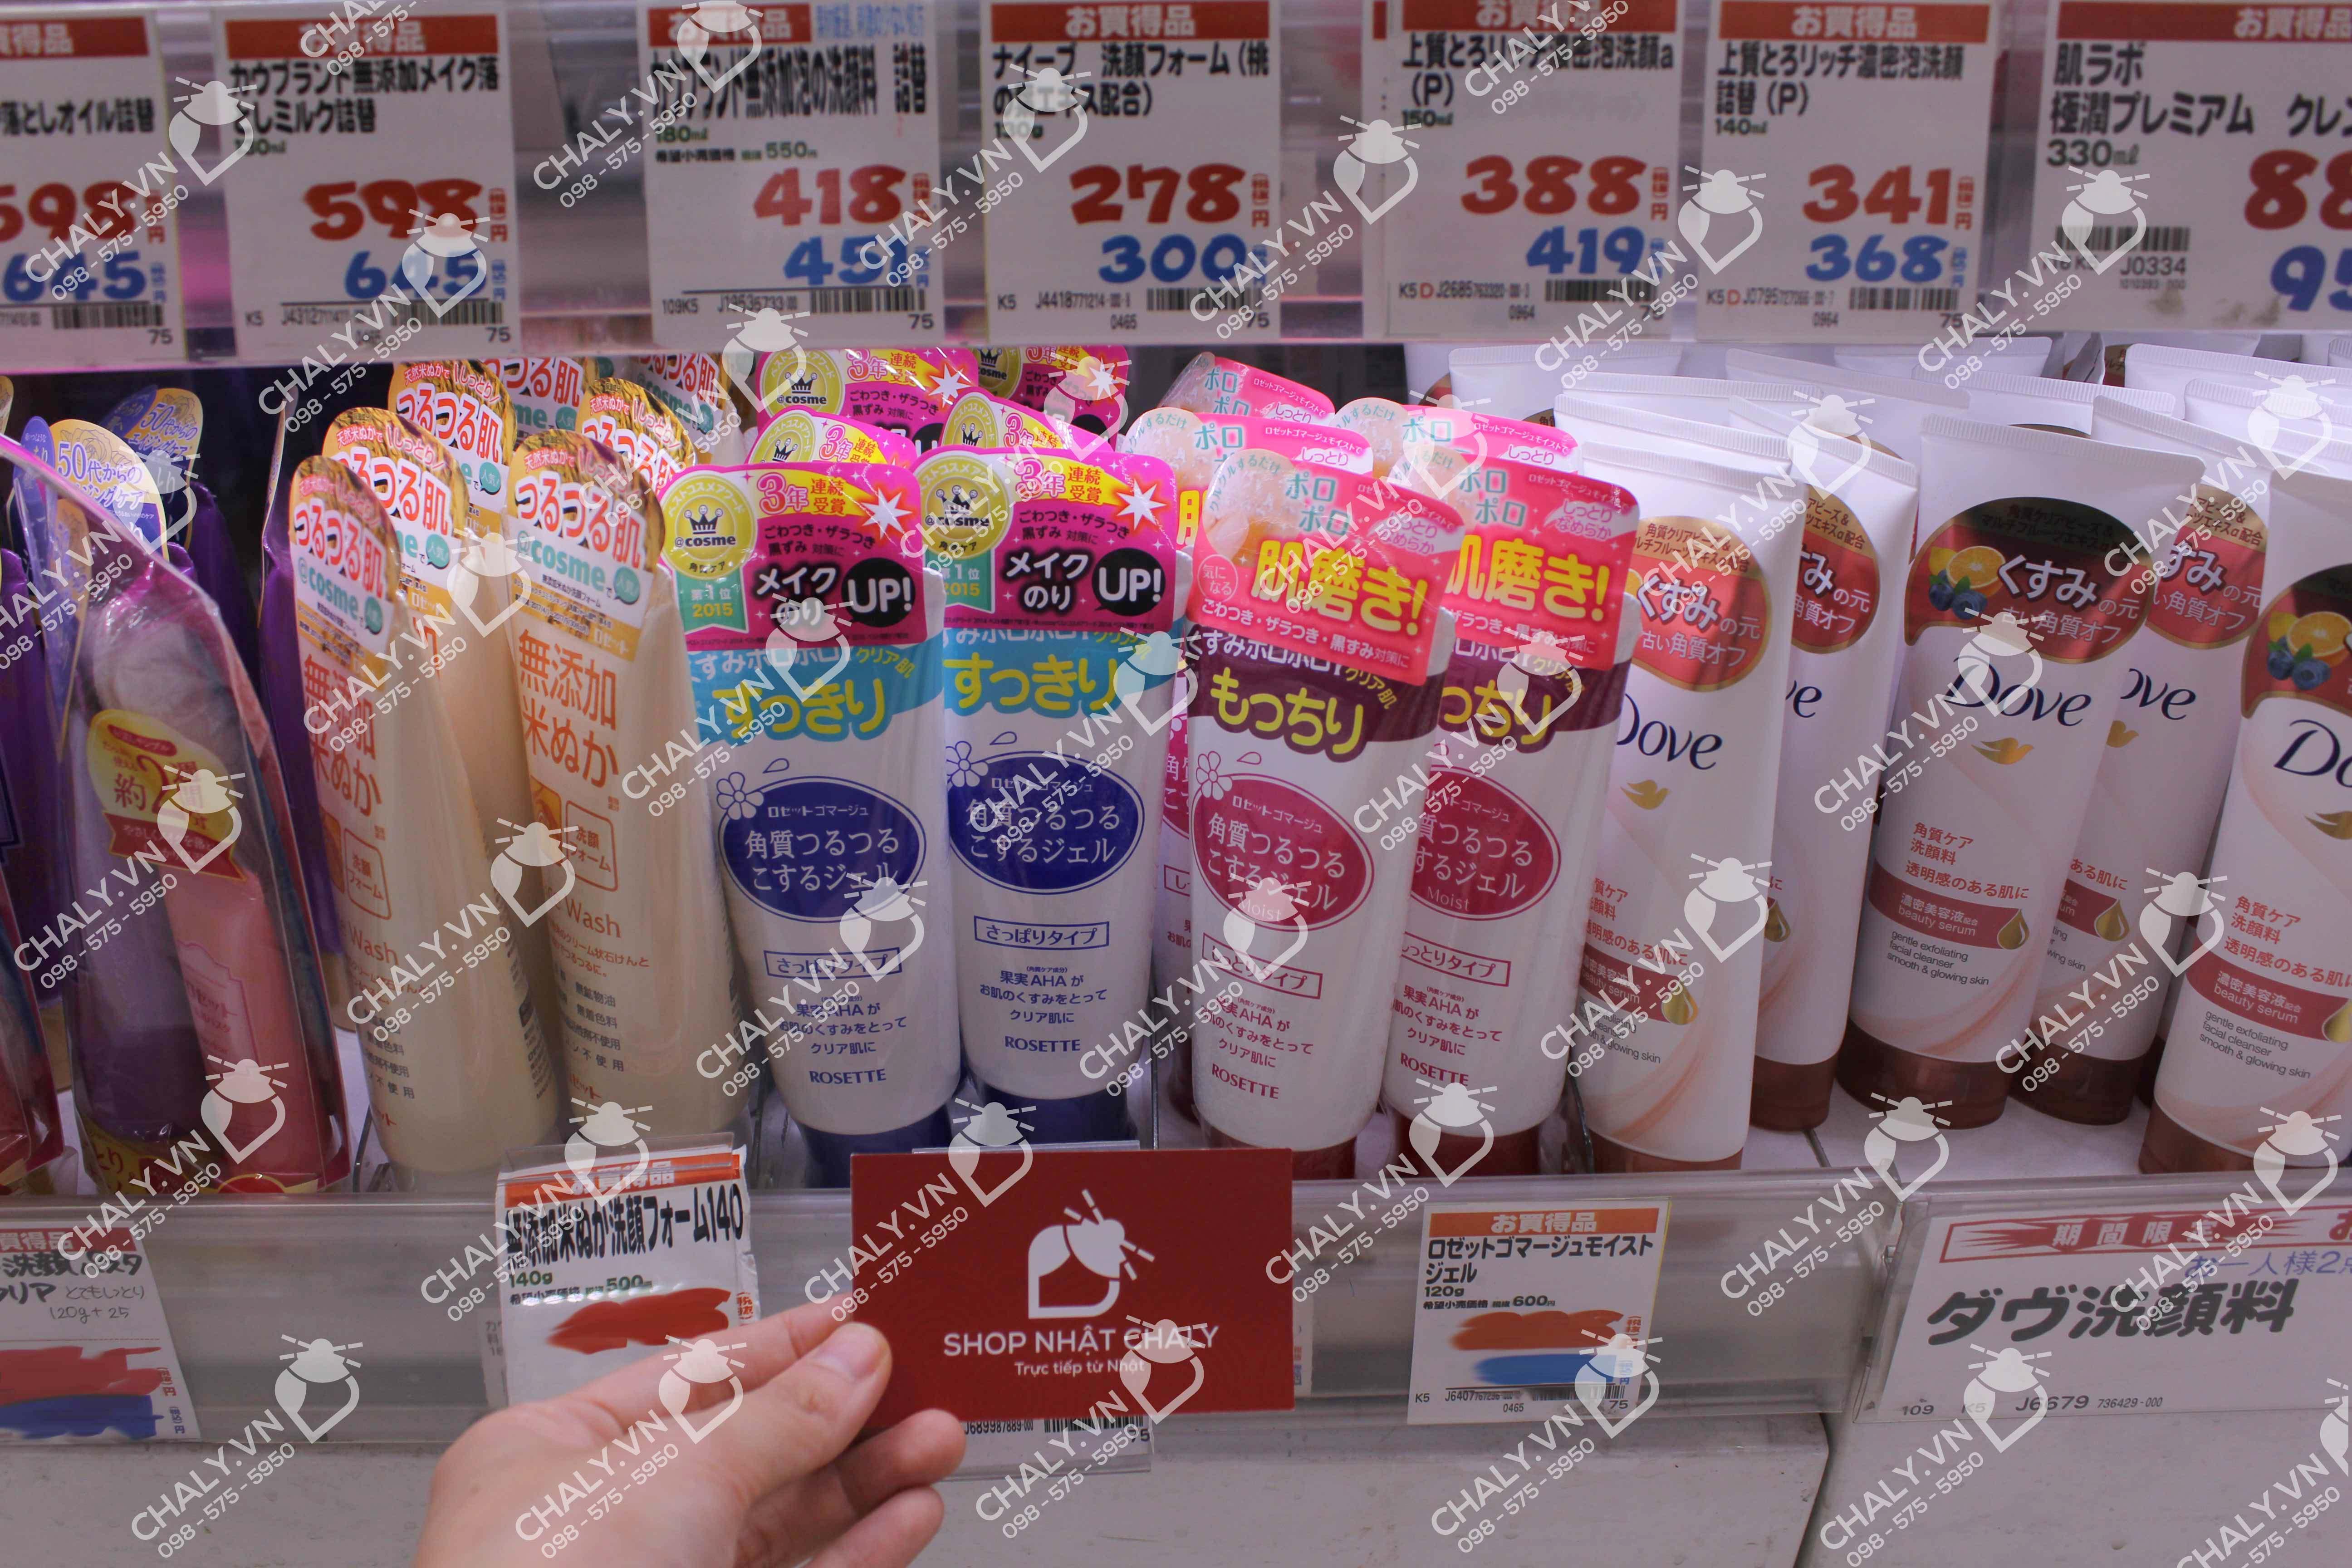 Tuýp rosette tẩy da chết của Nhật trên kệ siêu thị được Chaly xách tay trực tiếp